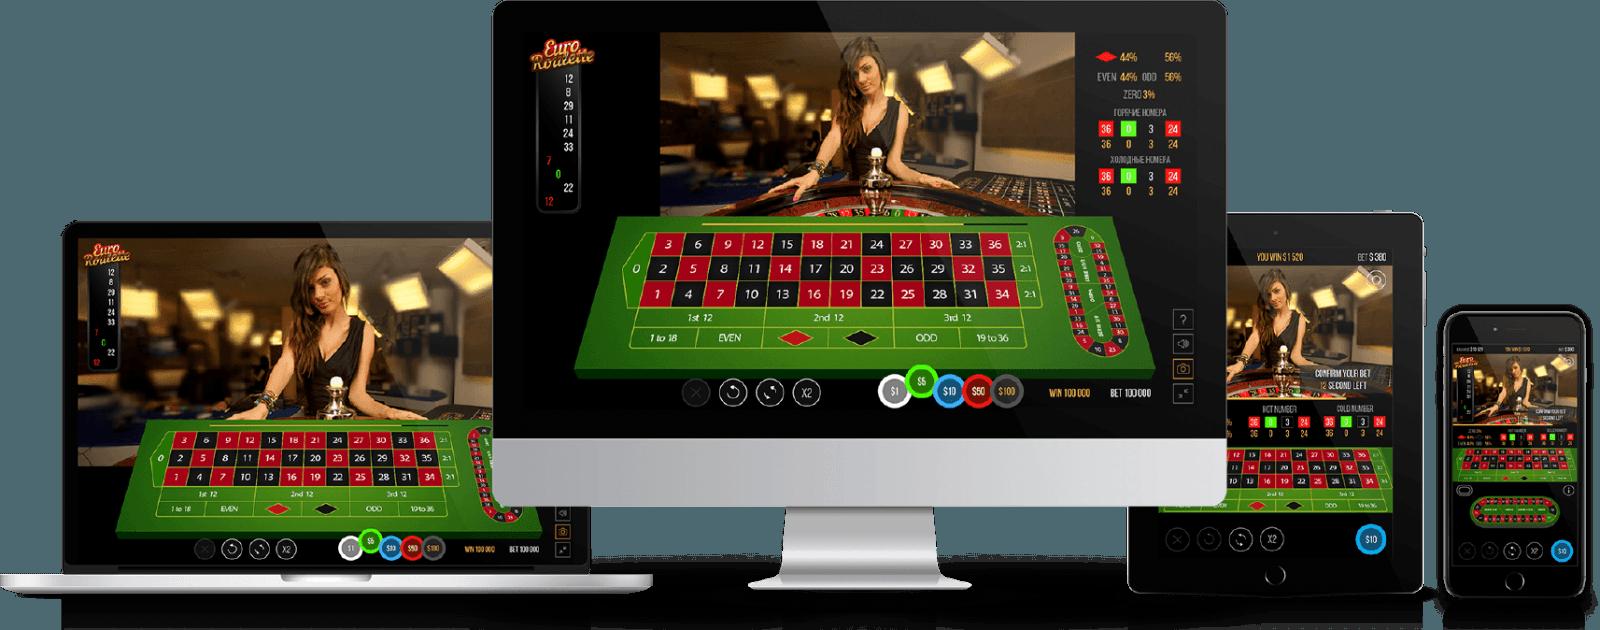 Τα καλύτερα νόμιμα online casino